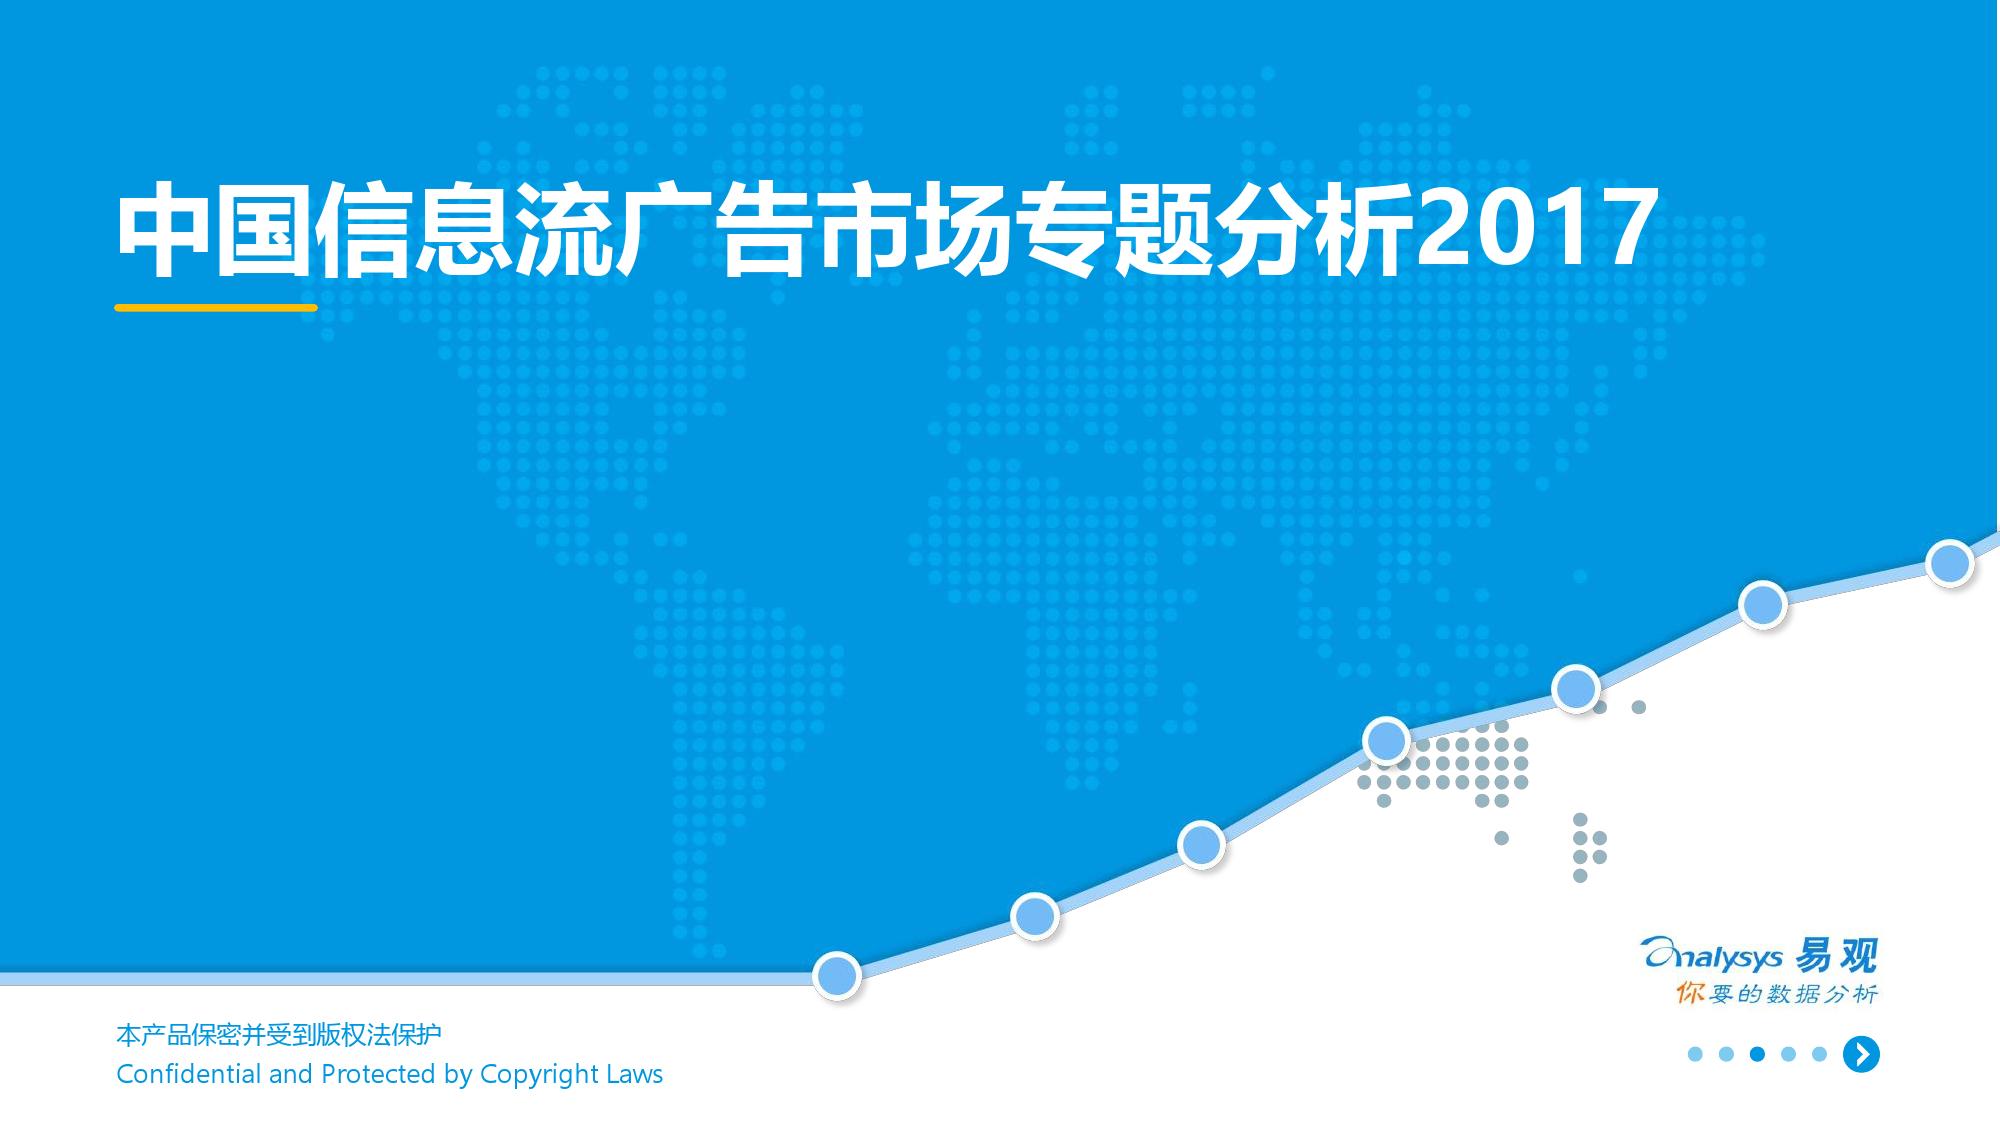 易观:2017中国信息流广告市场专题分析(附下载)